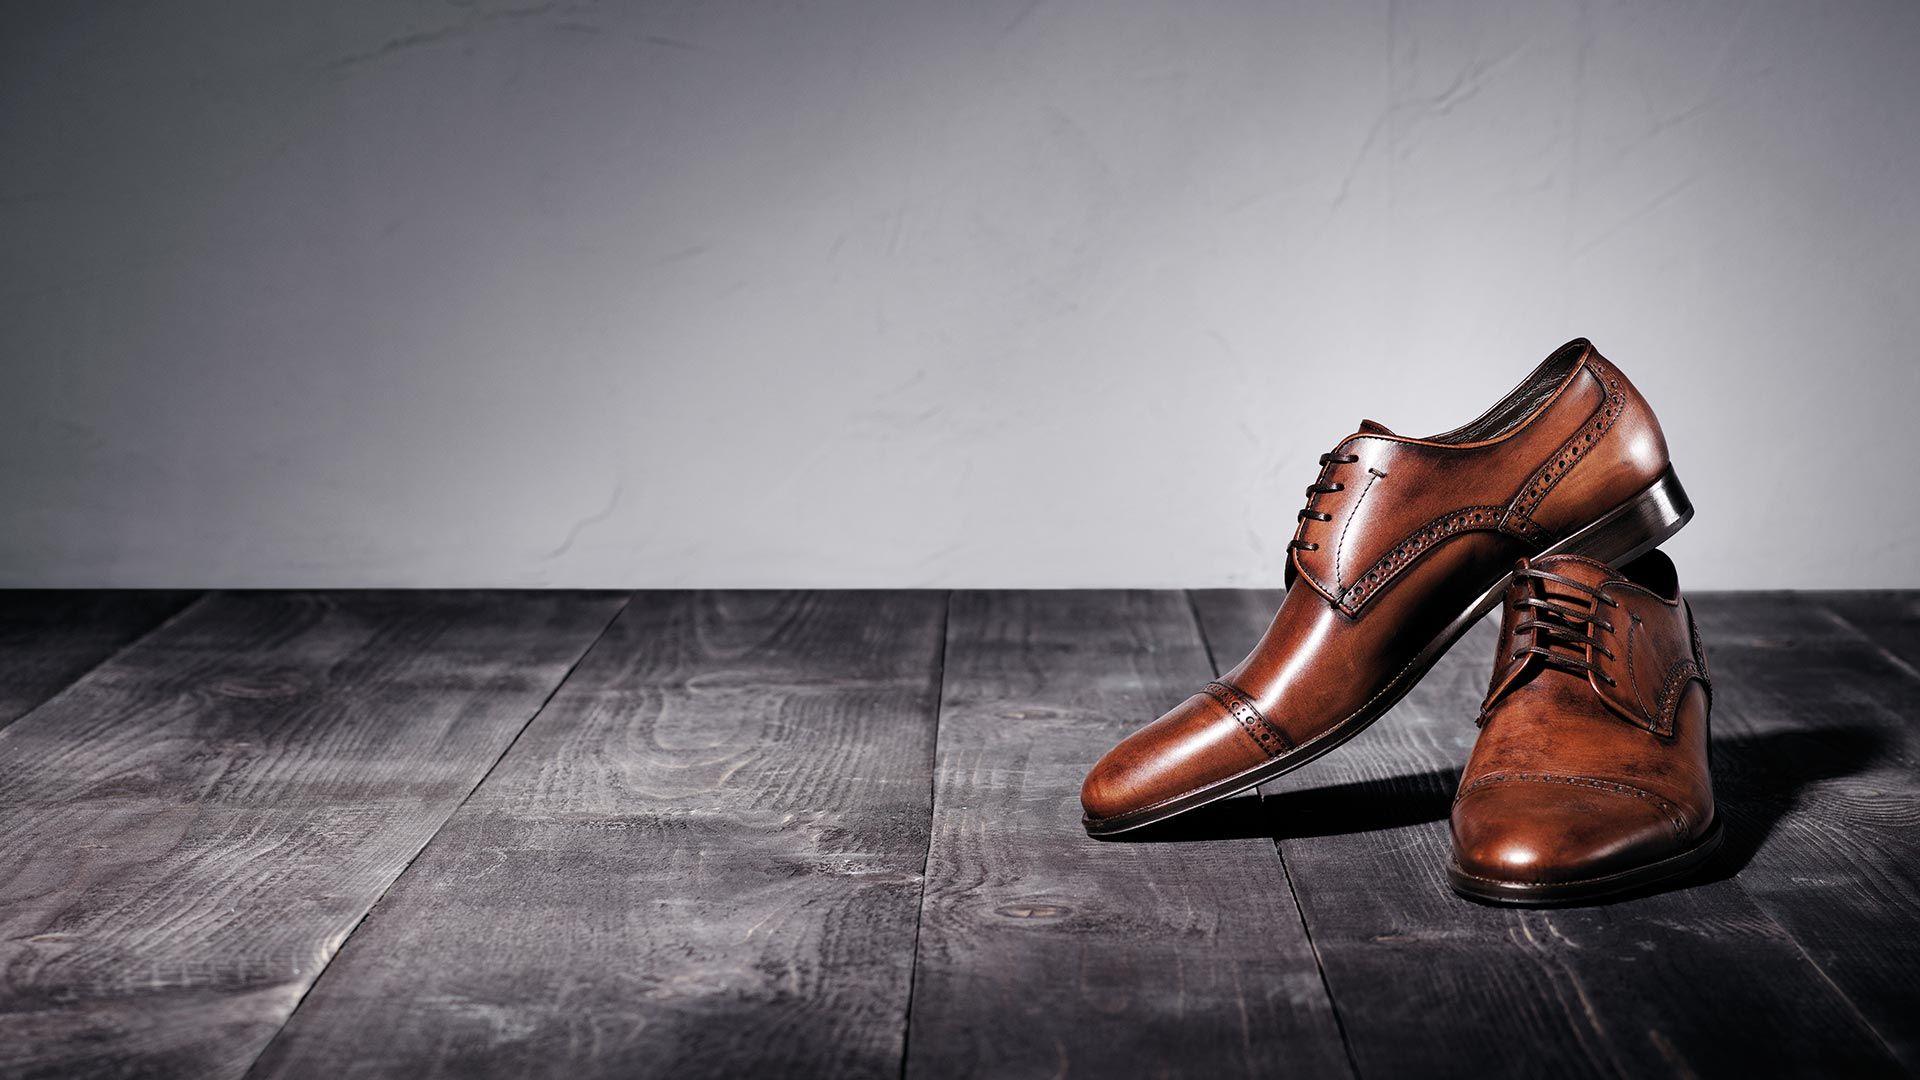 کفش چرم طبیعی و ۱۰ مزیت بزرگ